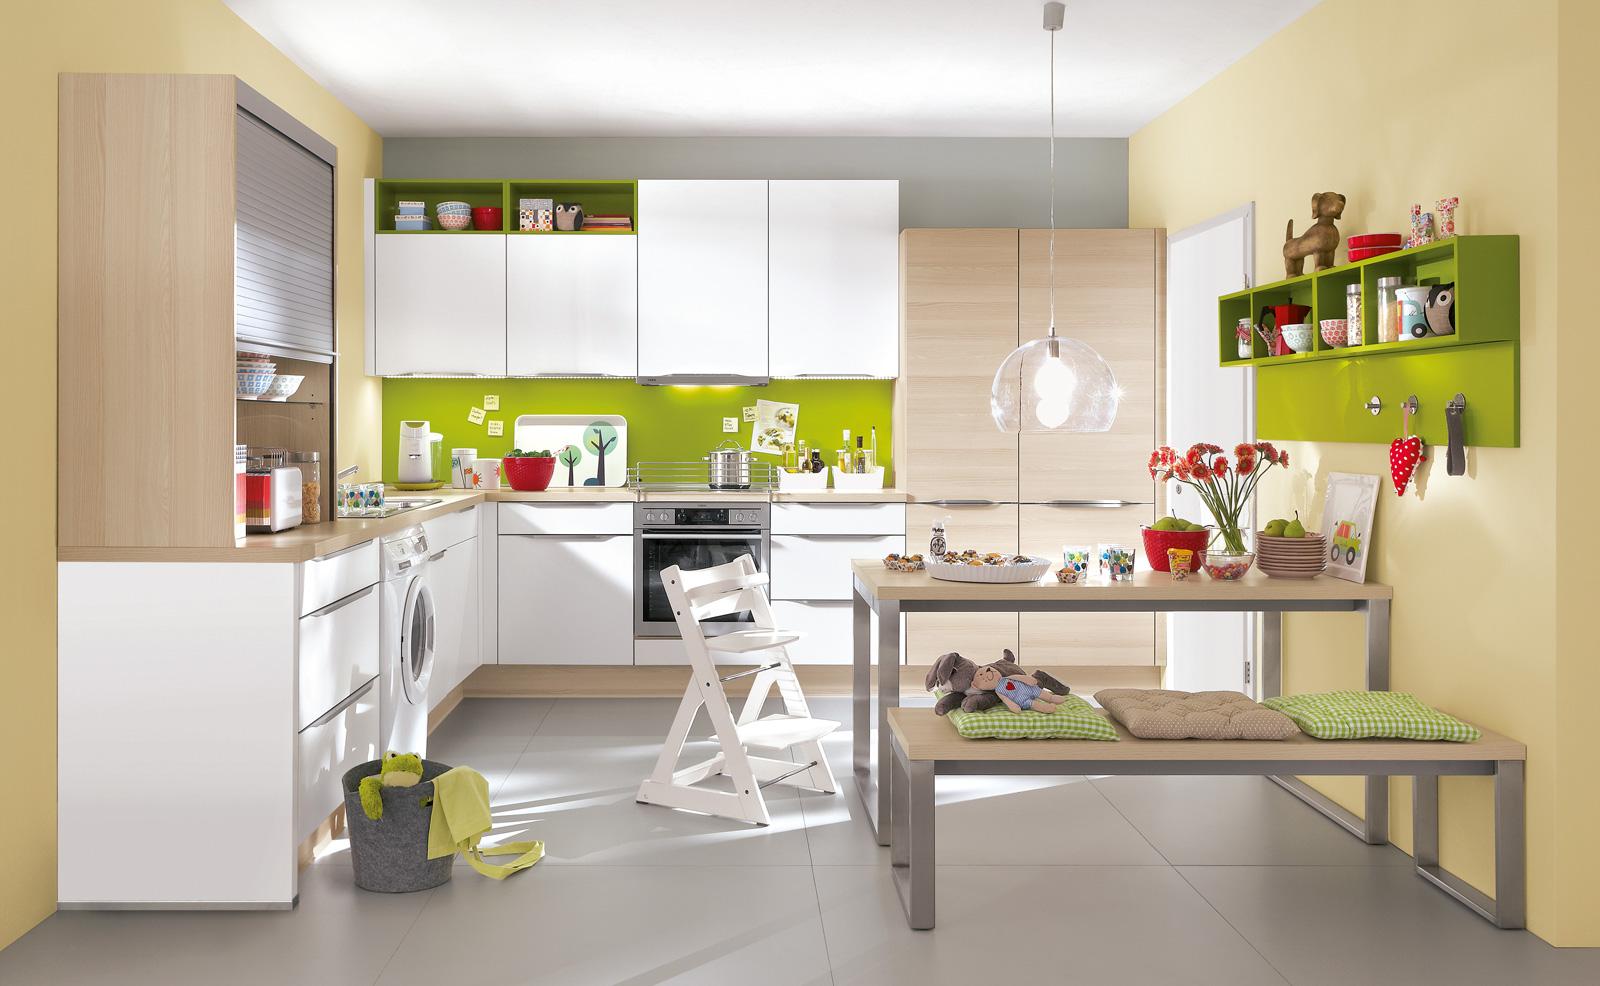 Fein Verbraucher Küchen Und Bäder Lange Insel Bilder - Küche Set ...